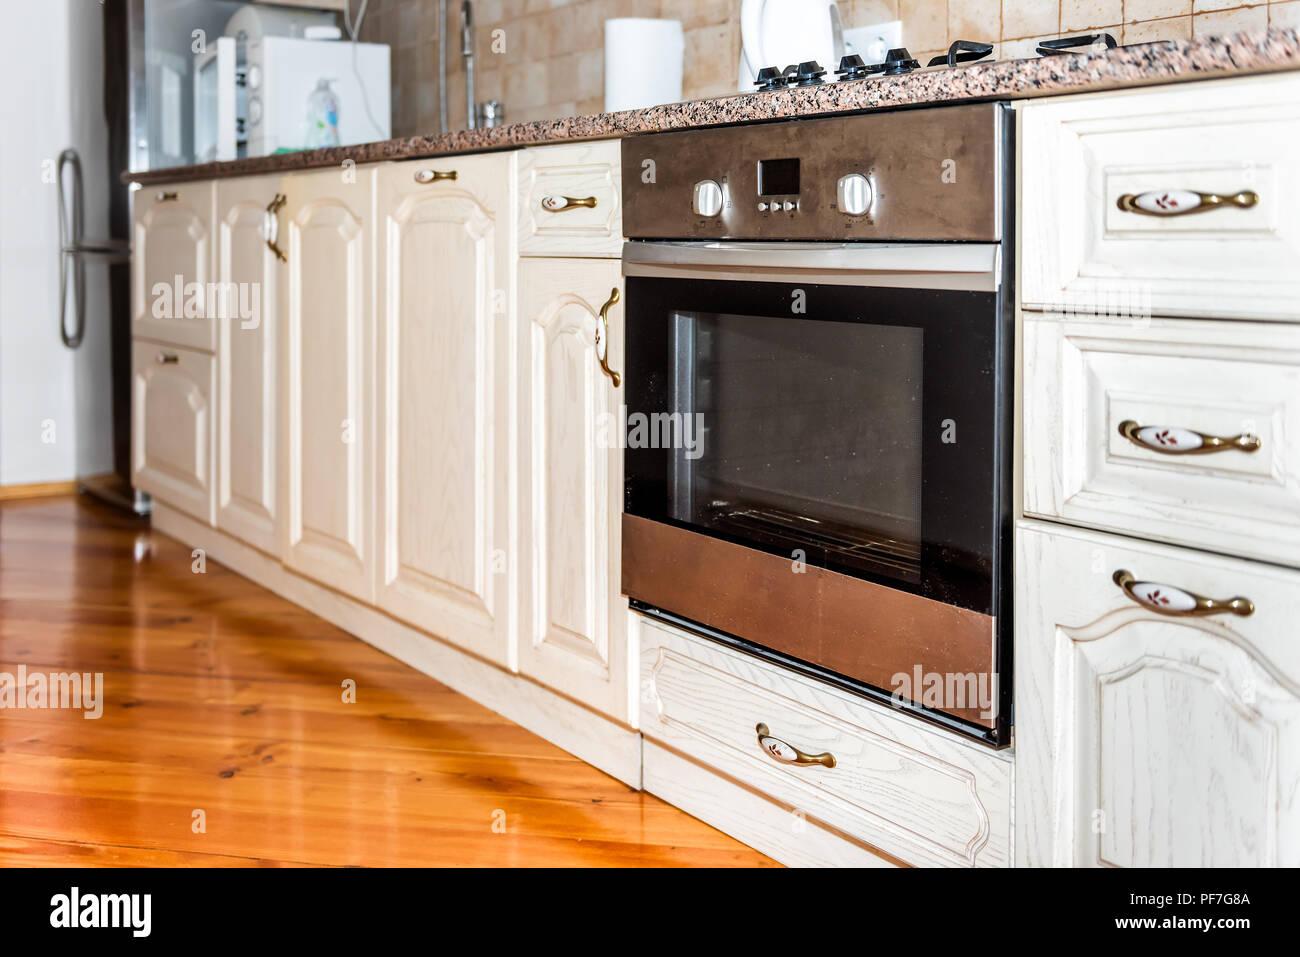 Moderne in legno marrone caratteristiche cucina armadi con ripiani